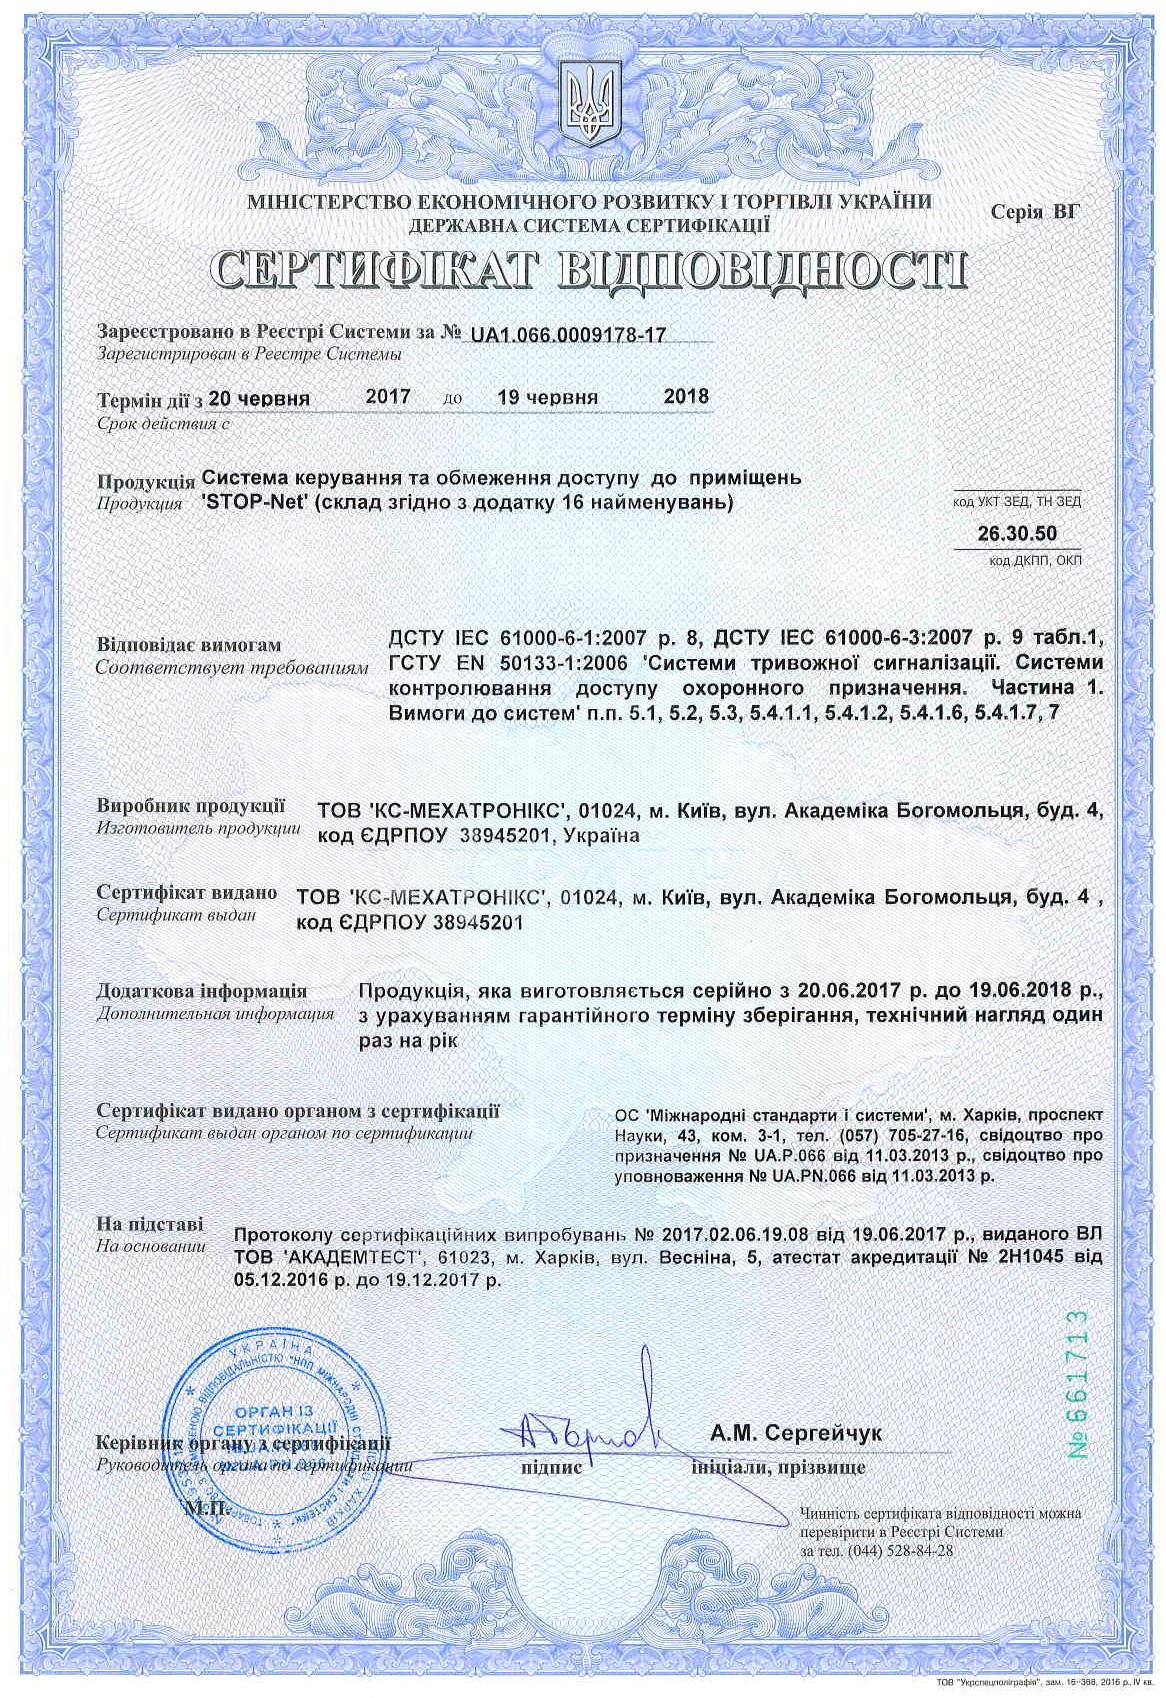 Сертифікат відповідності УкрСЕПРО на СКД «STOP-Net®»